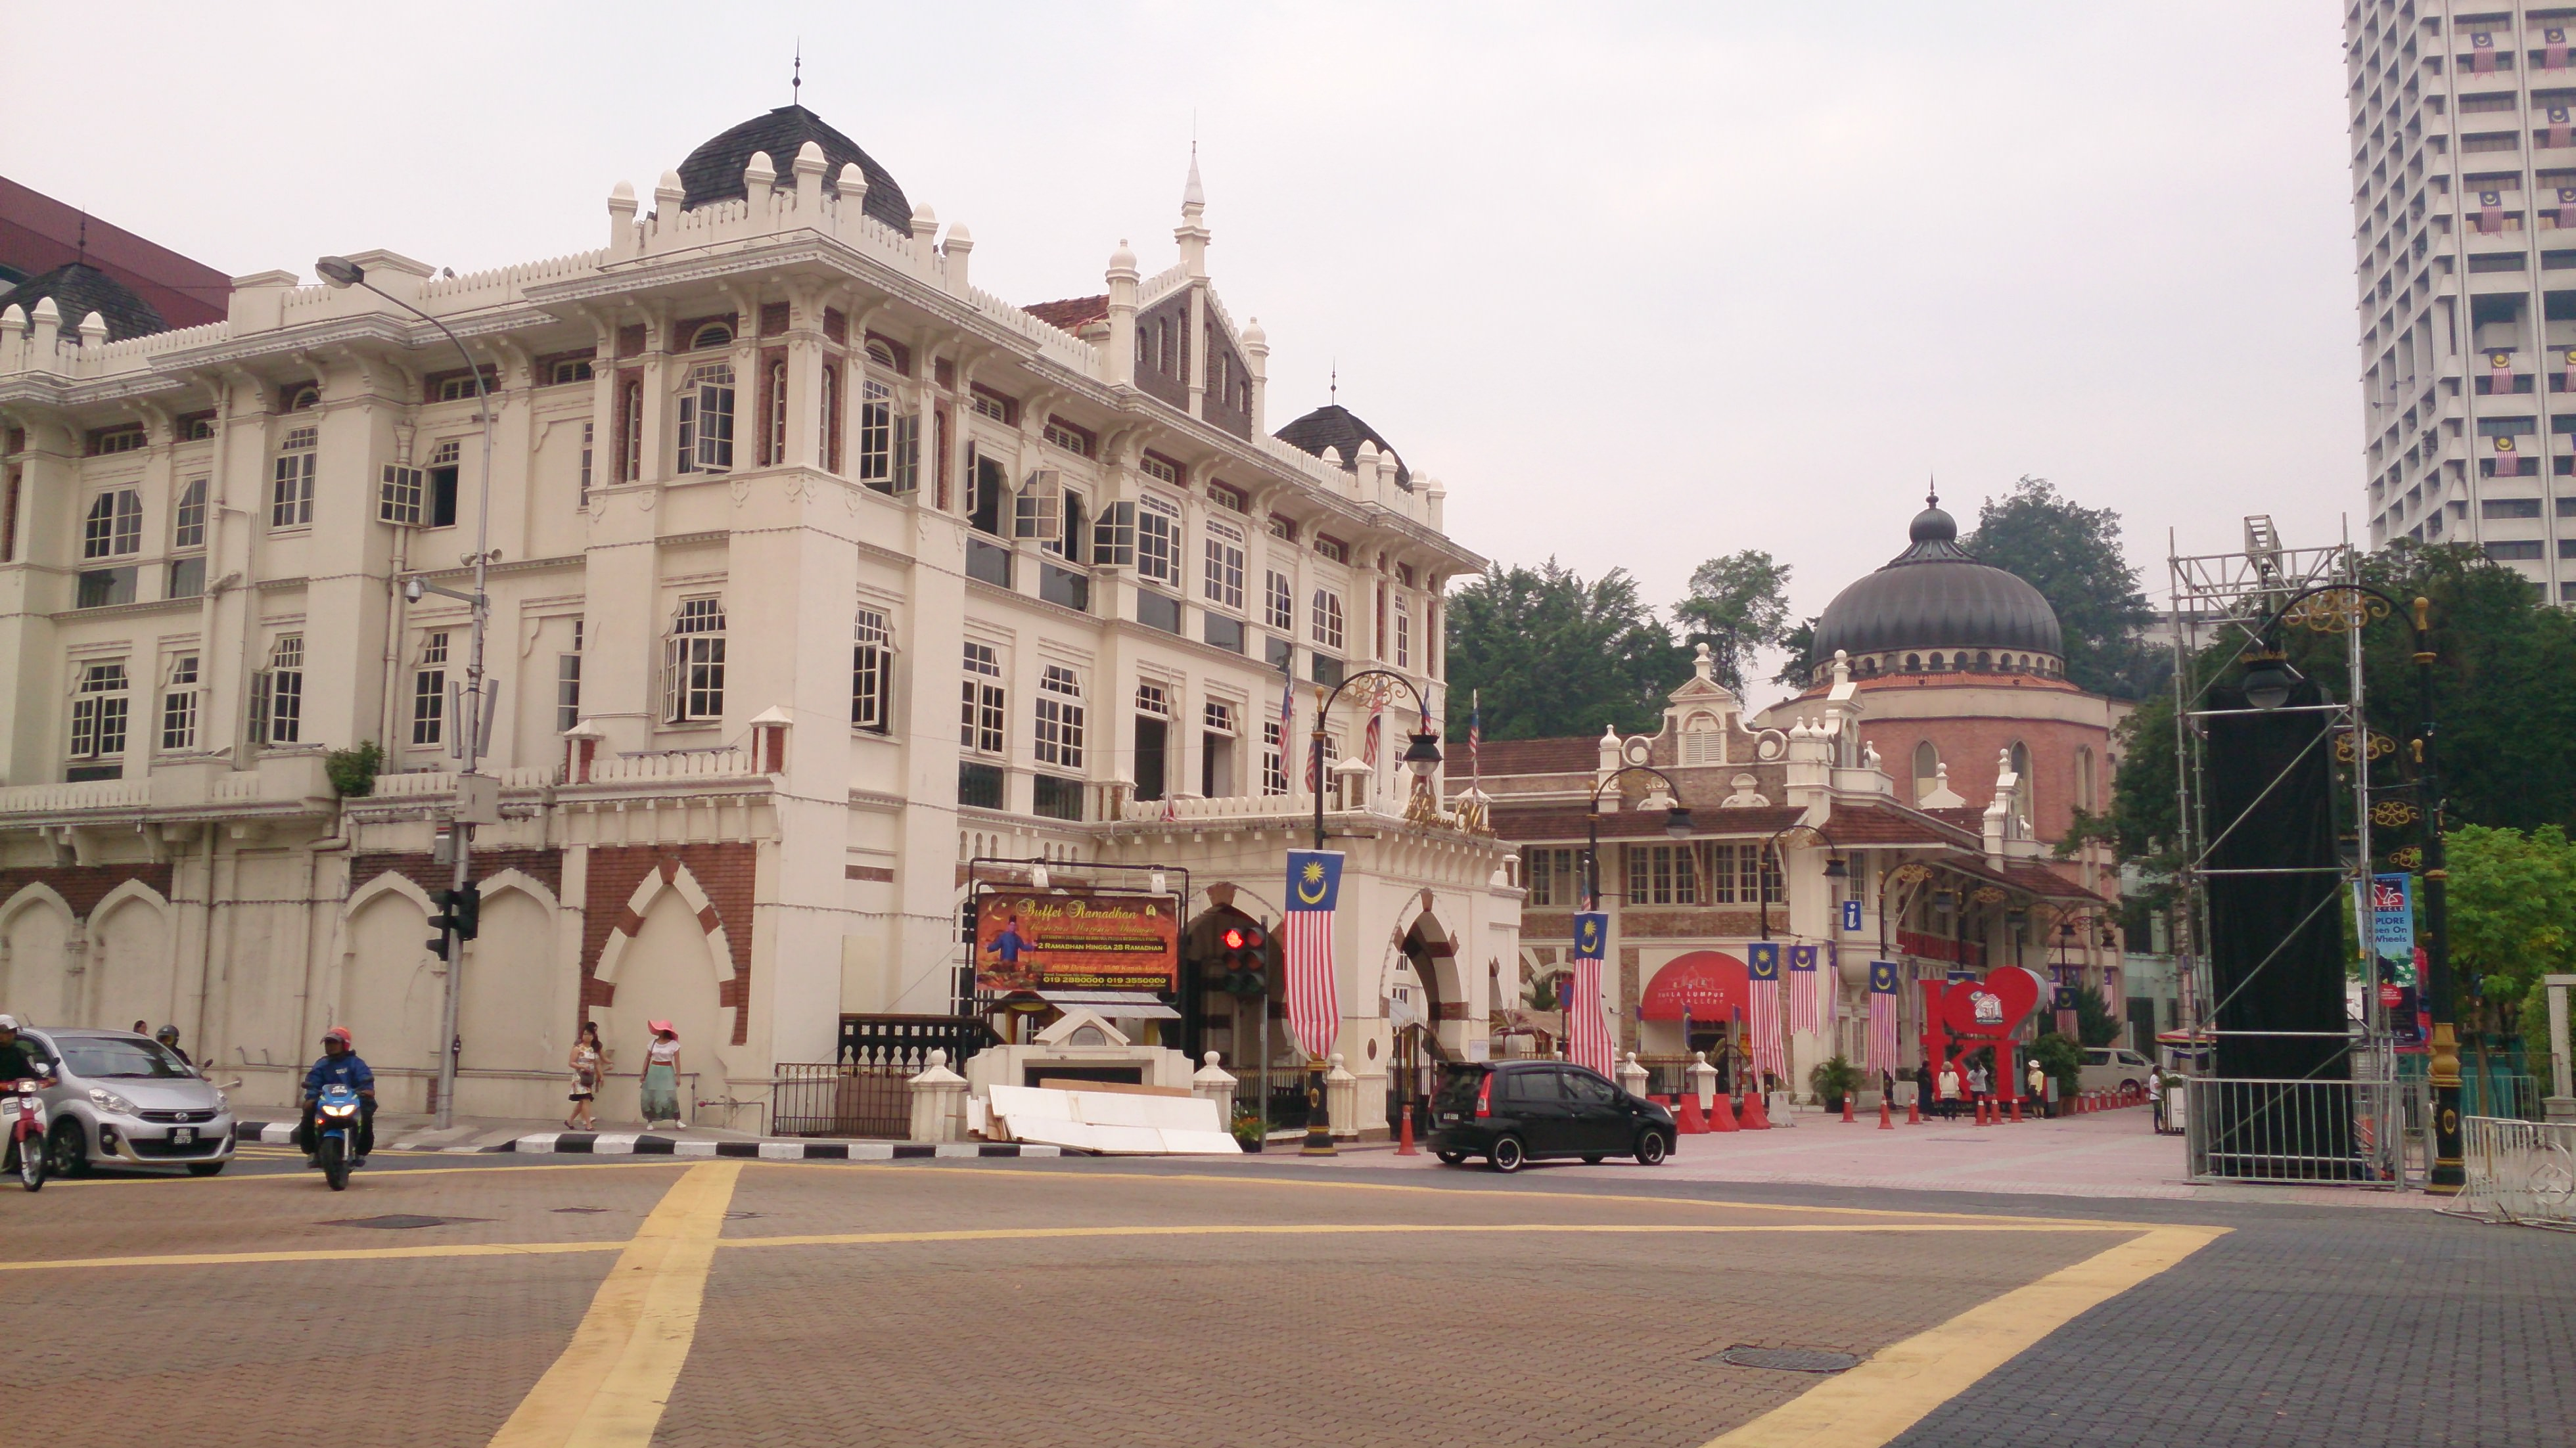 ムルデカスクエア(独立広場)周辺の見所